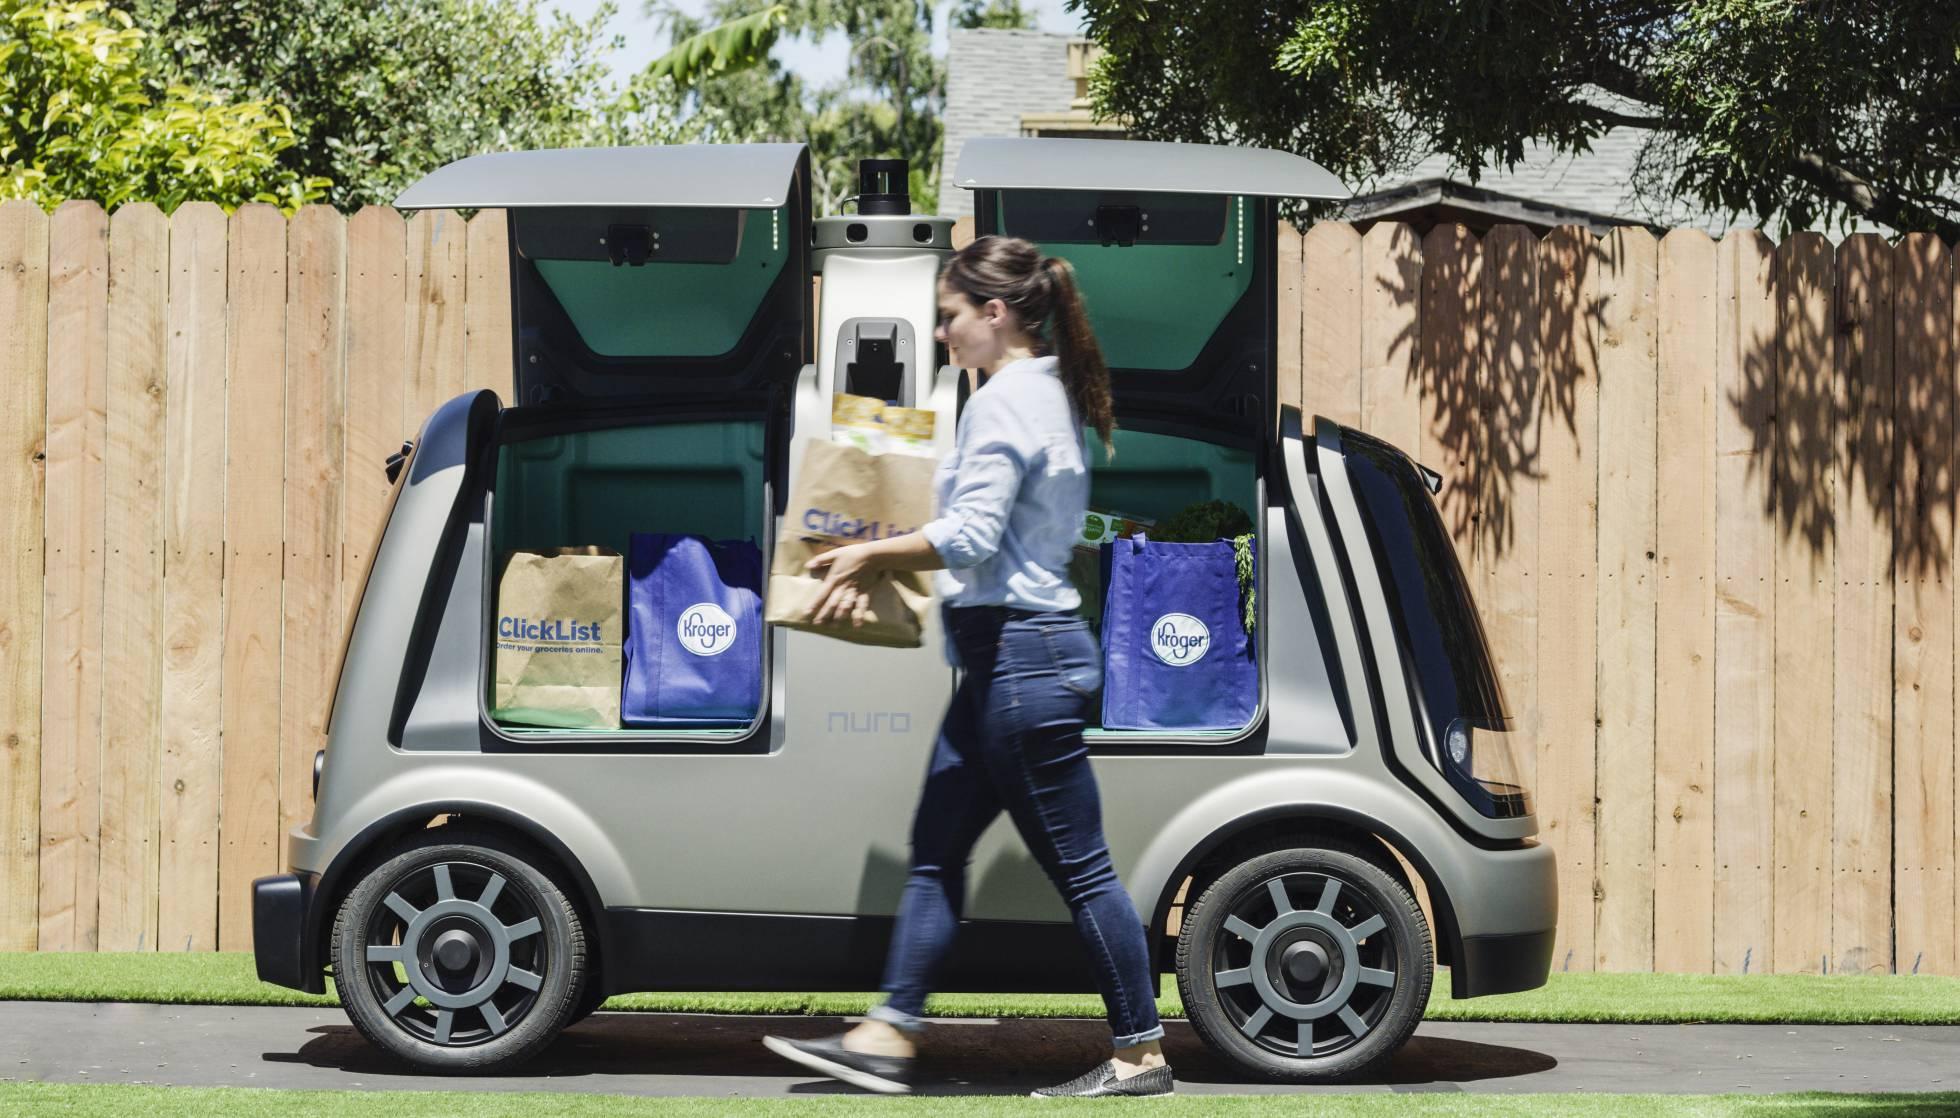 kroger auto free - Estados Unidos: Kroger pone a prueba entregas con vehículos autónomos